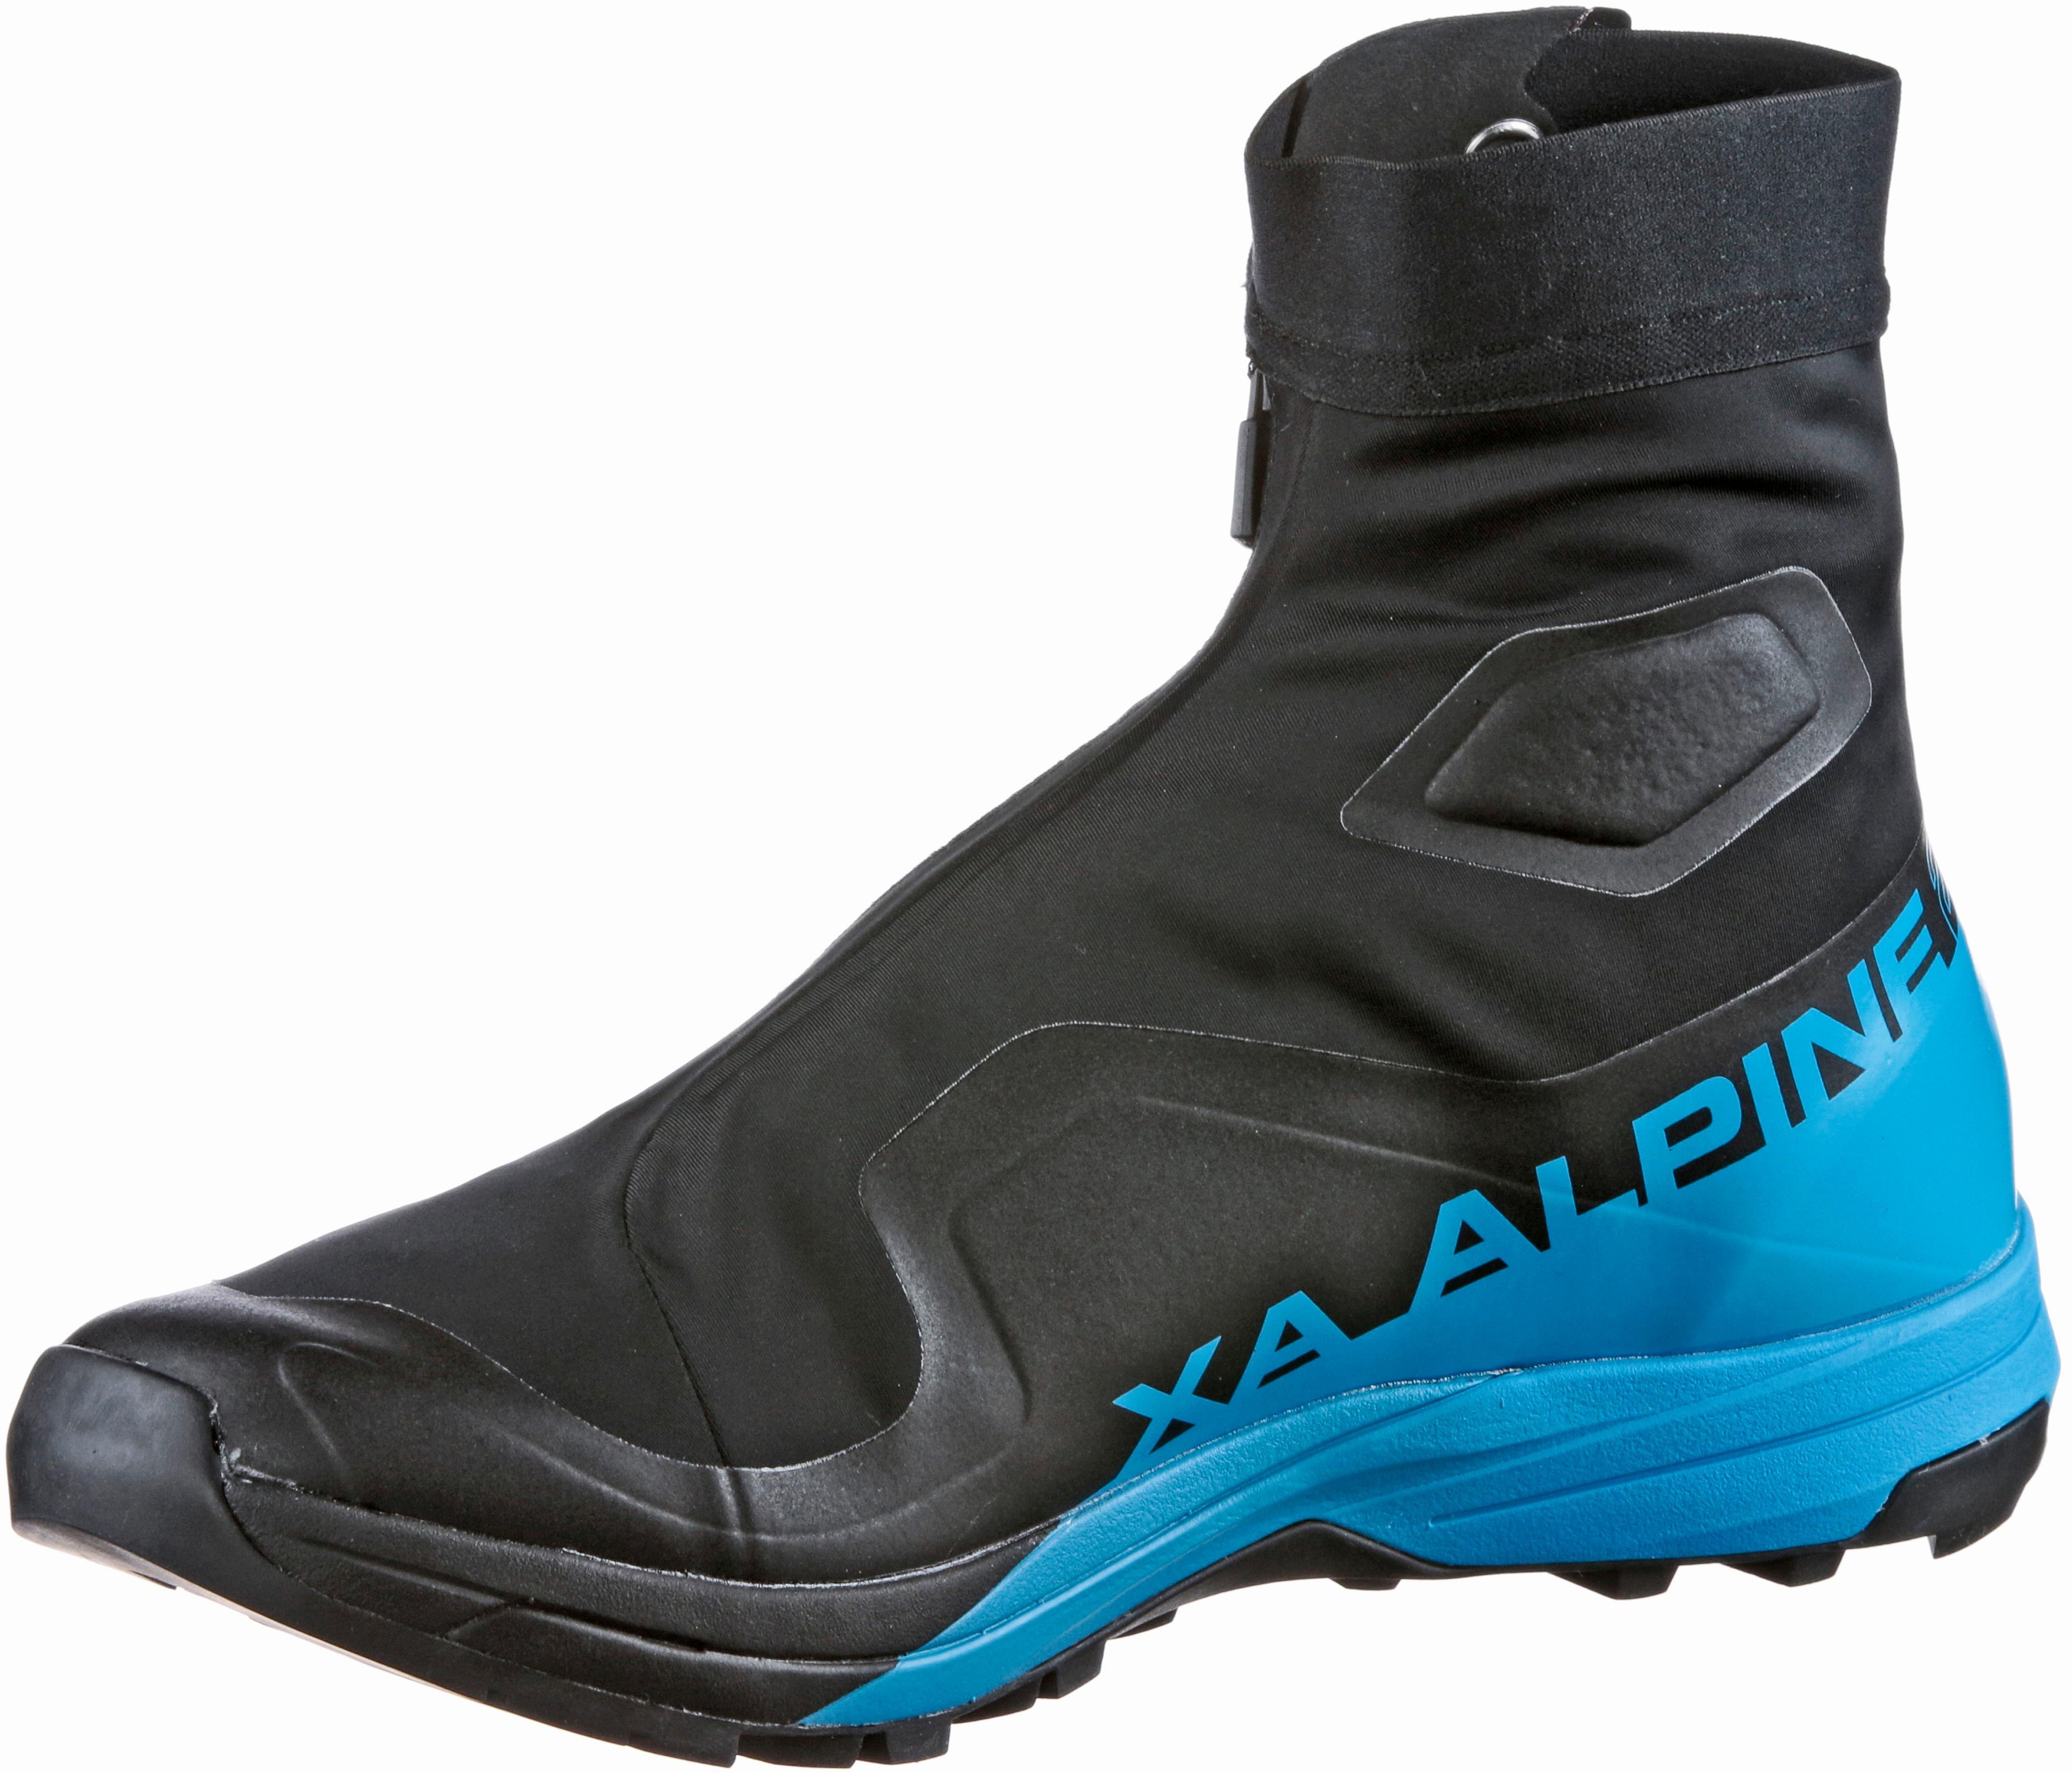 Salomon SLAB XA ALPINE 2 Trailrunning Schuhe black transcend blue racing red im Online Shop von SportScheck kaufen